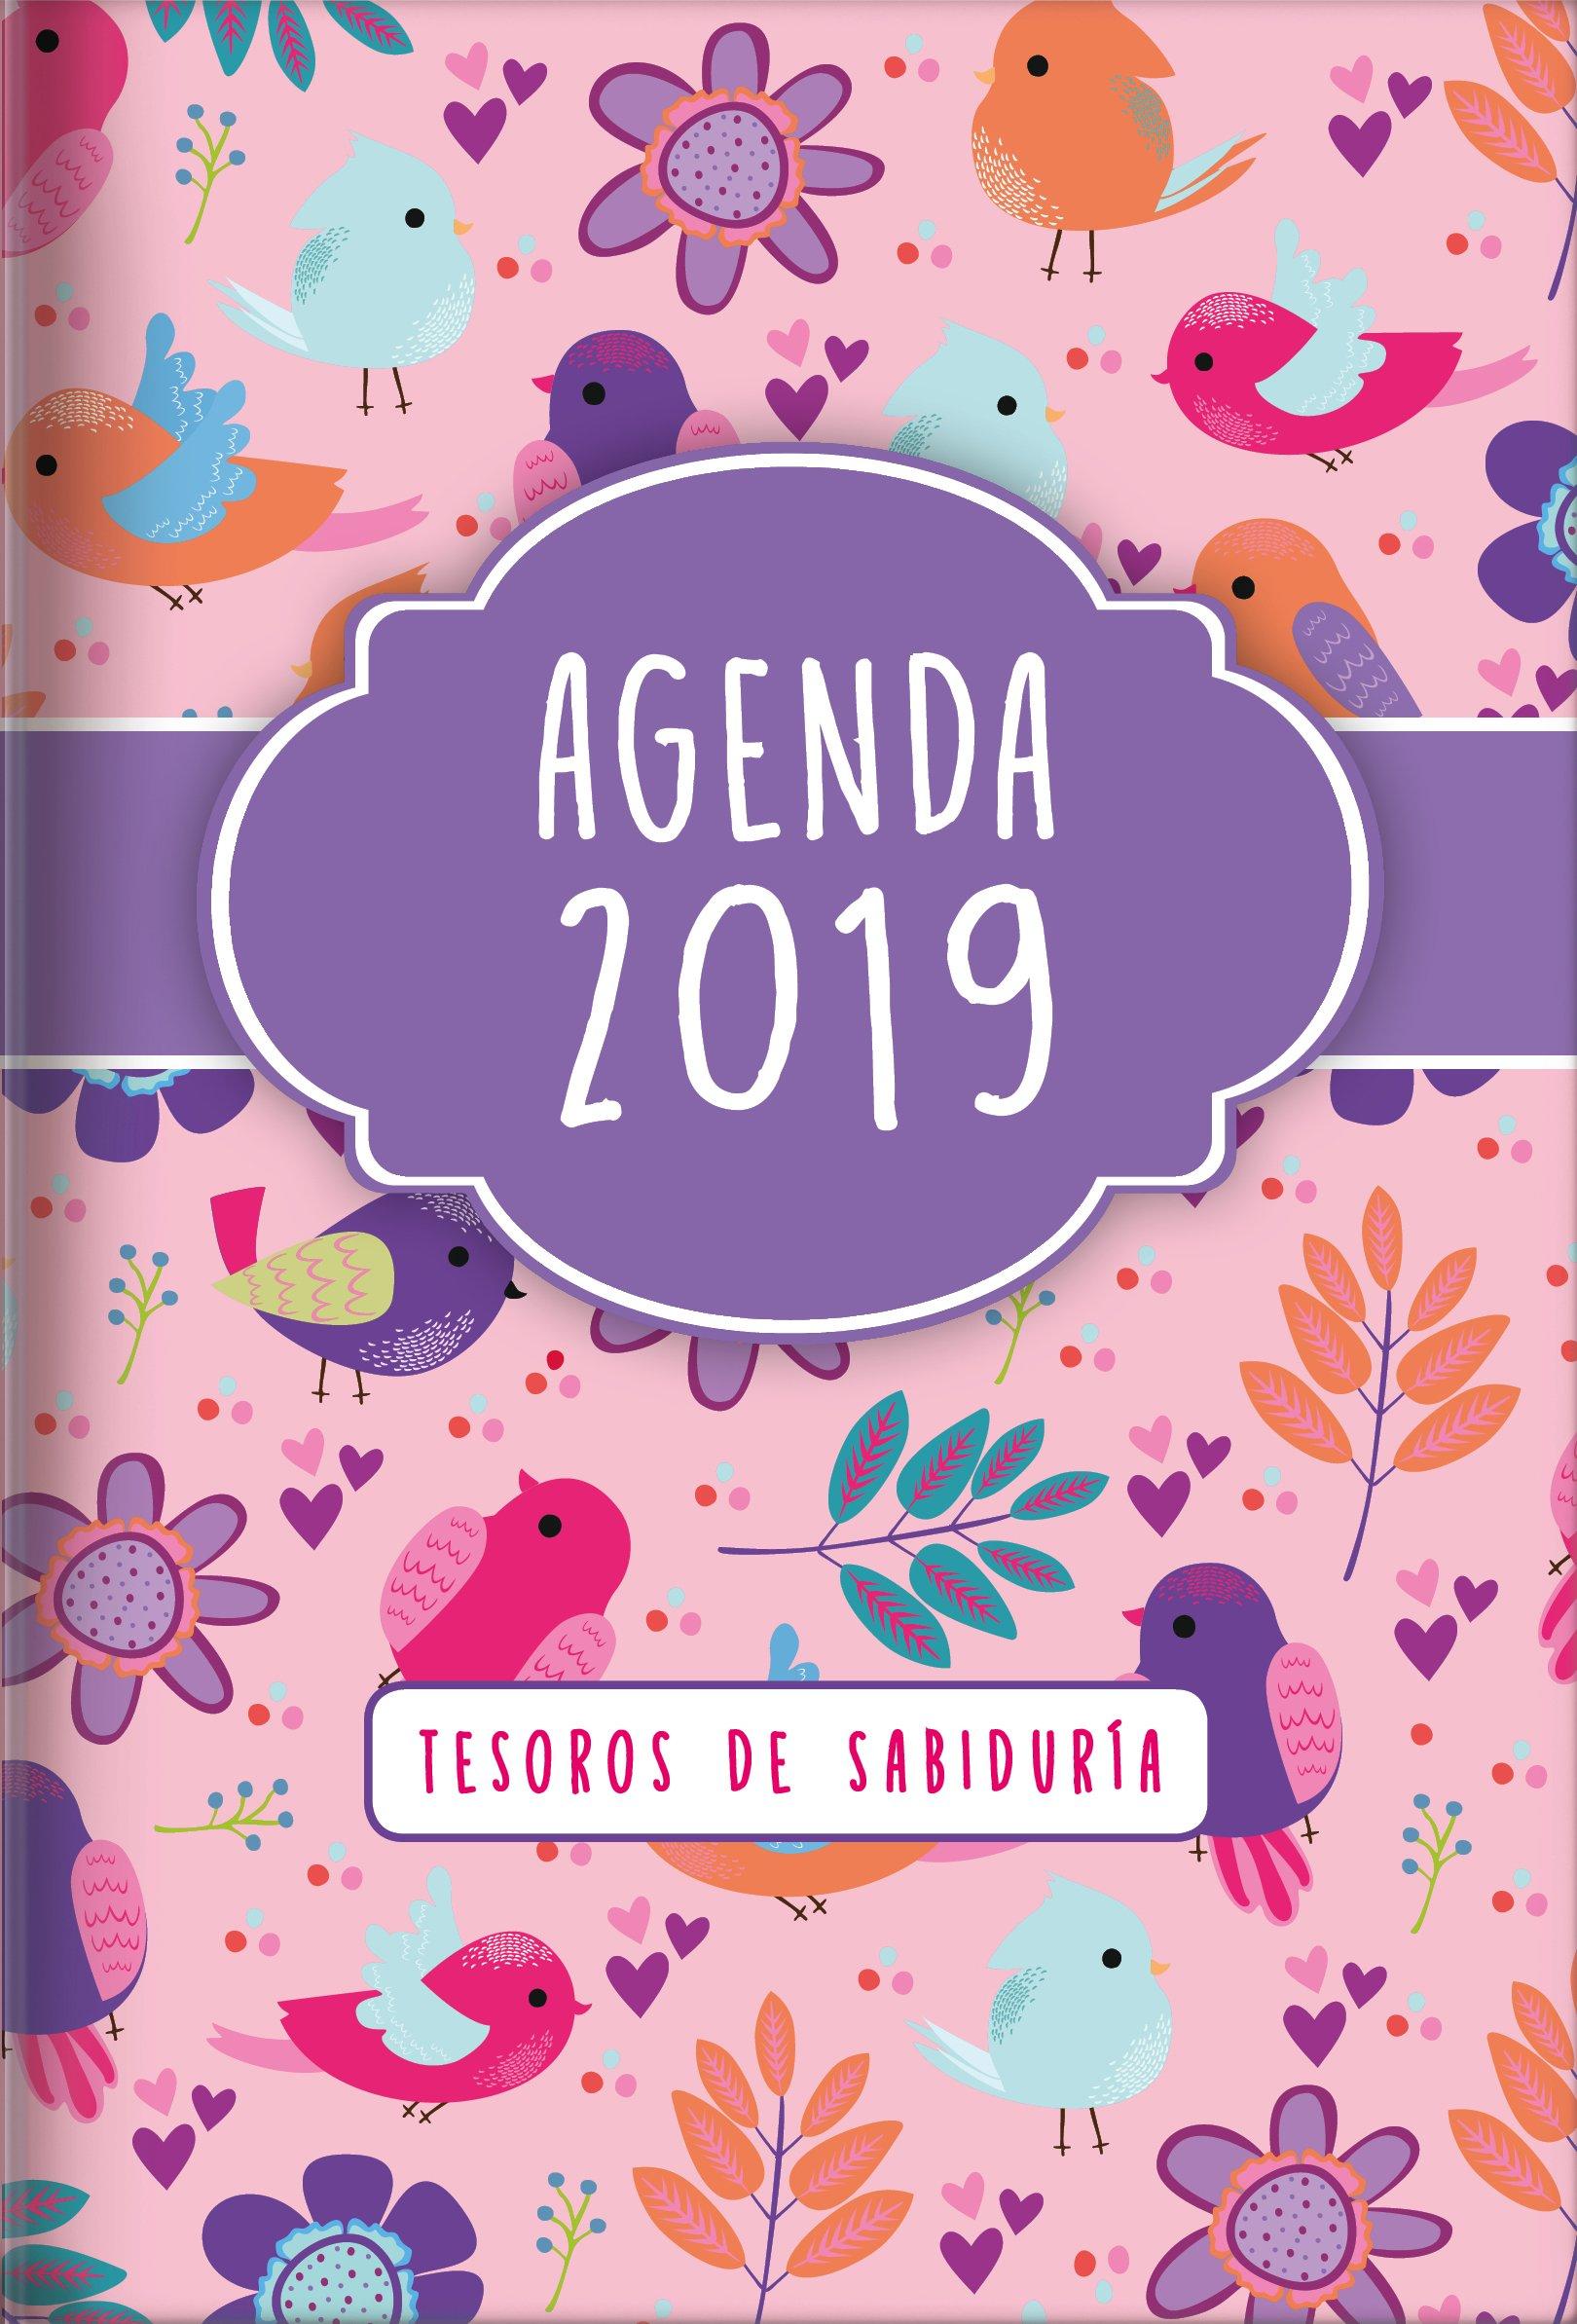 Amazon.com: 2019 Agenda - Tesoros de Sabiduría - Aves: Con ...